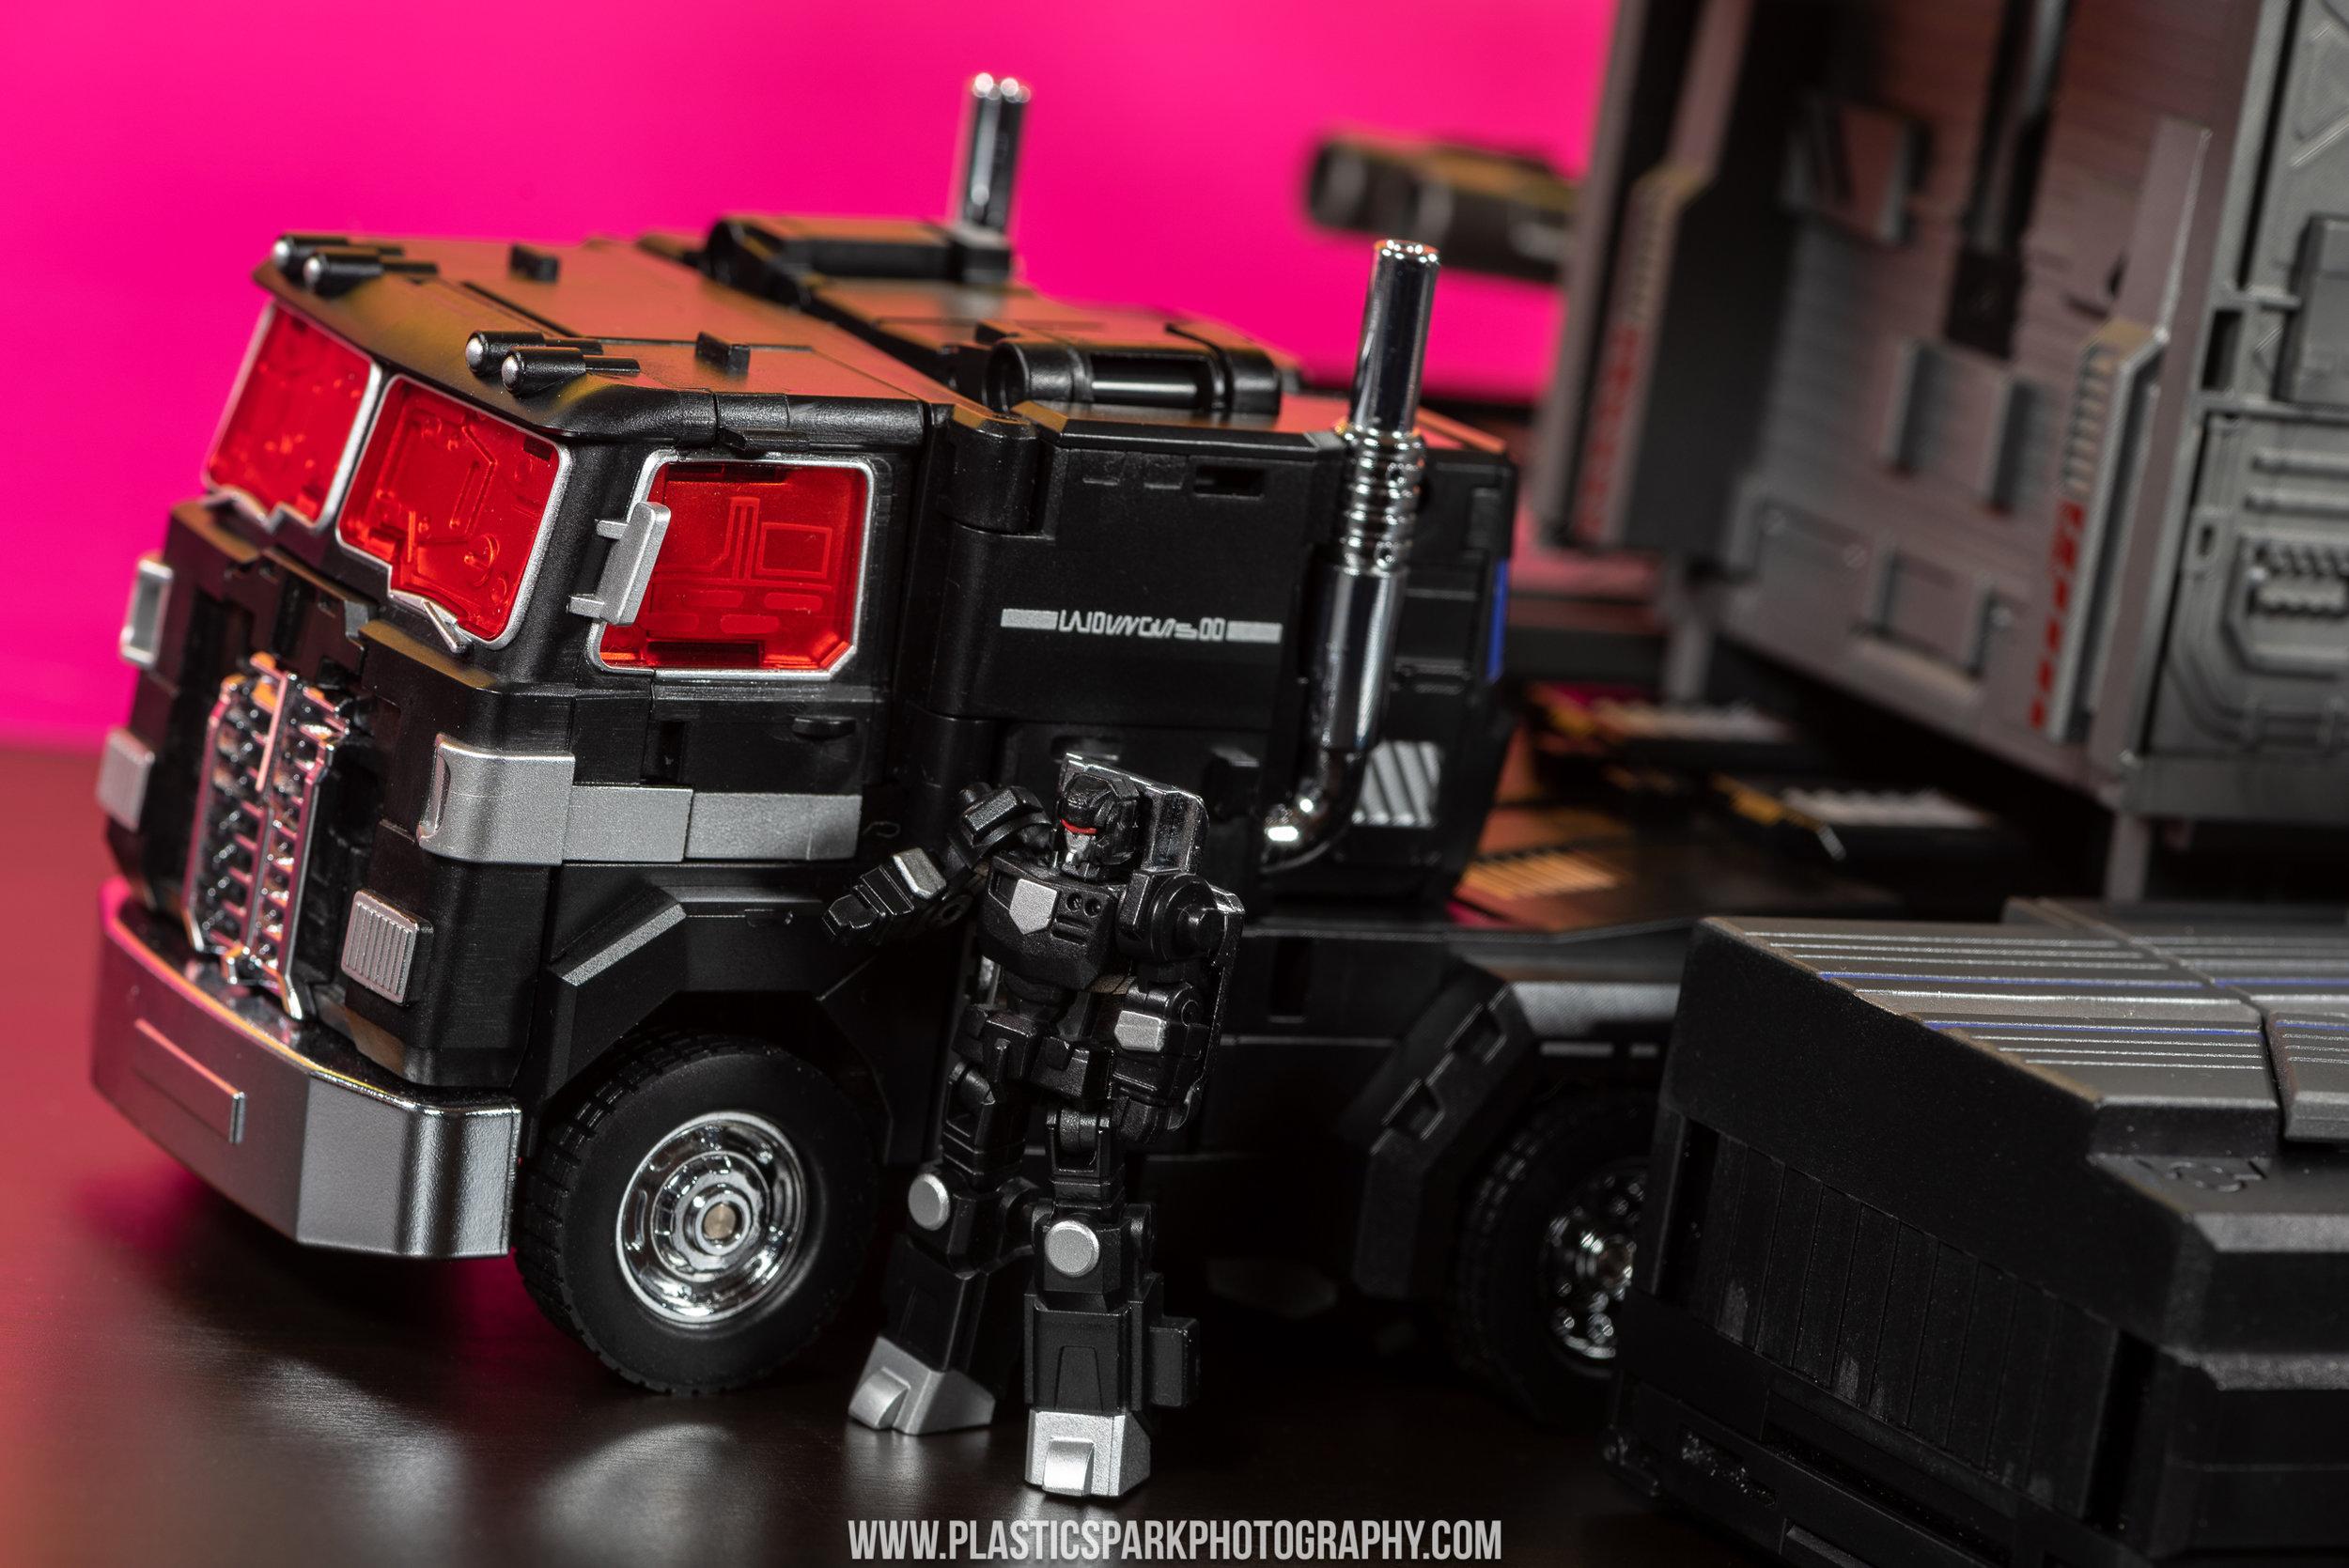 Fans Hobby MB-06A Black Power Baser (25 of 52).jpg